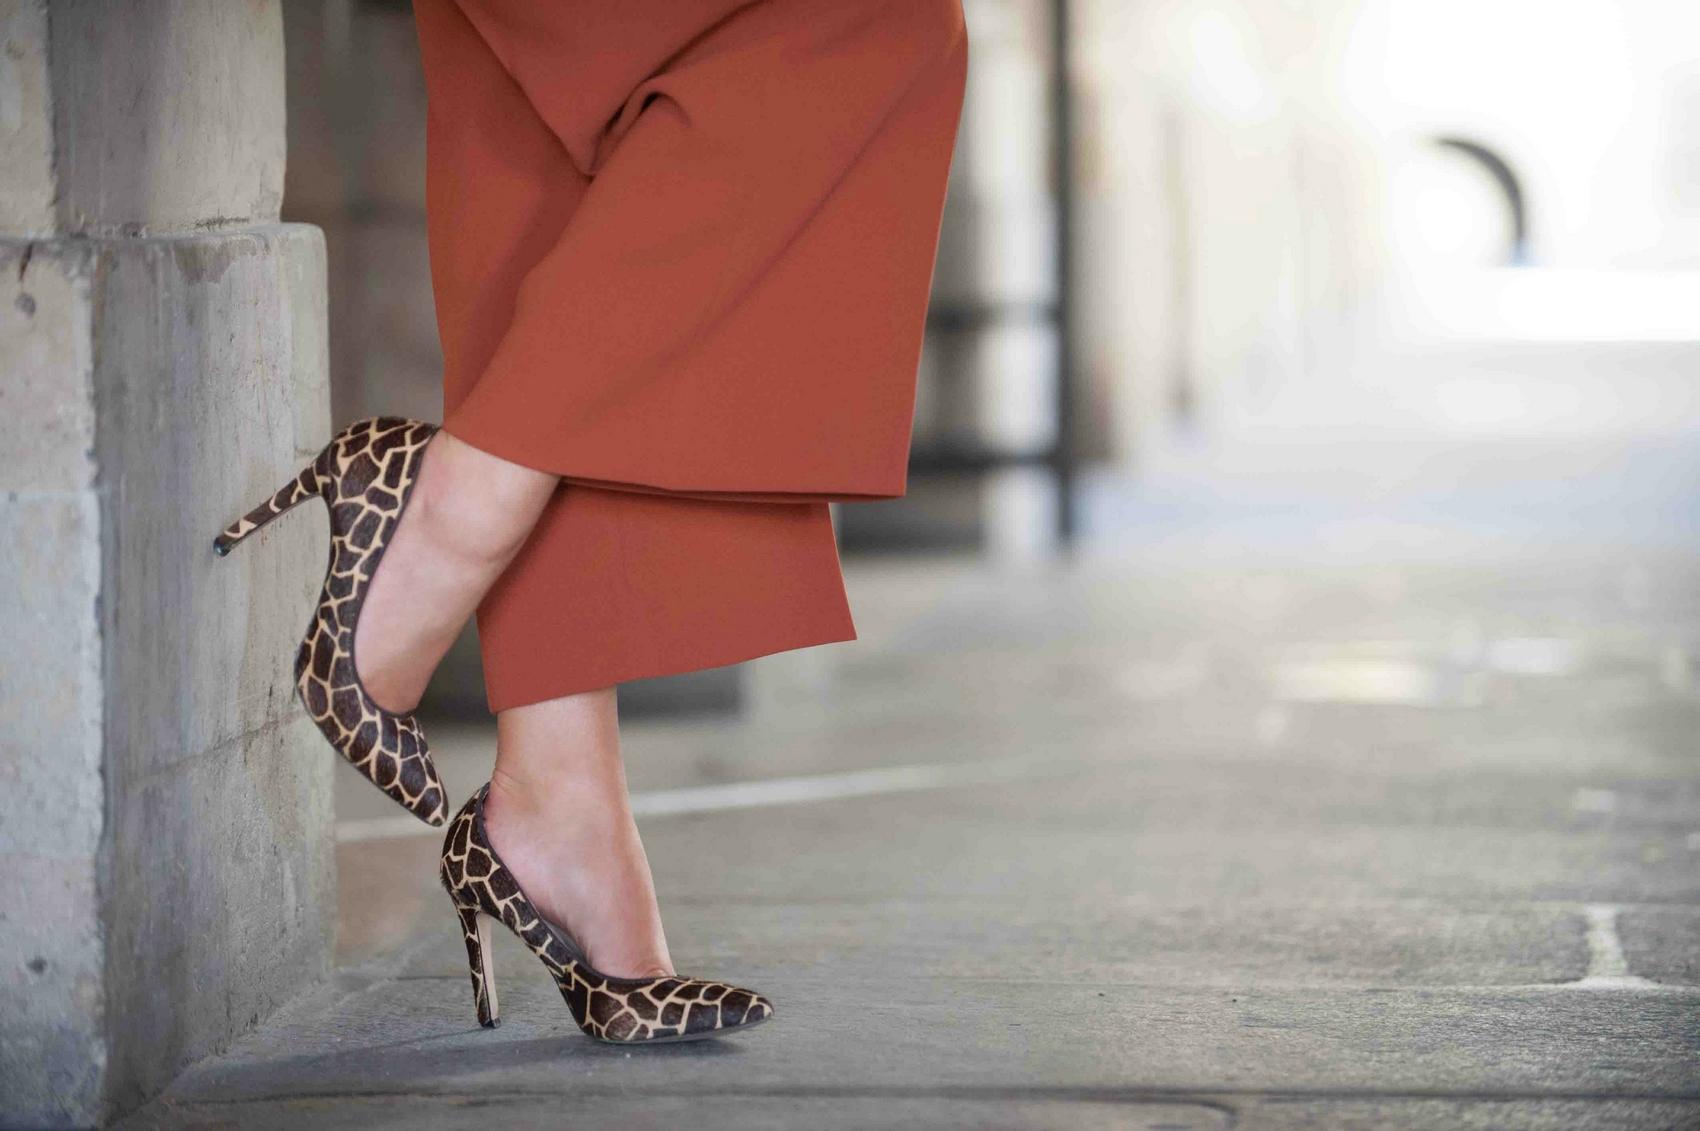 escarpins talon aiguille imprimé animal girafe bata animal print heels